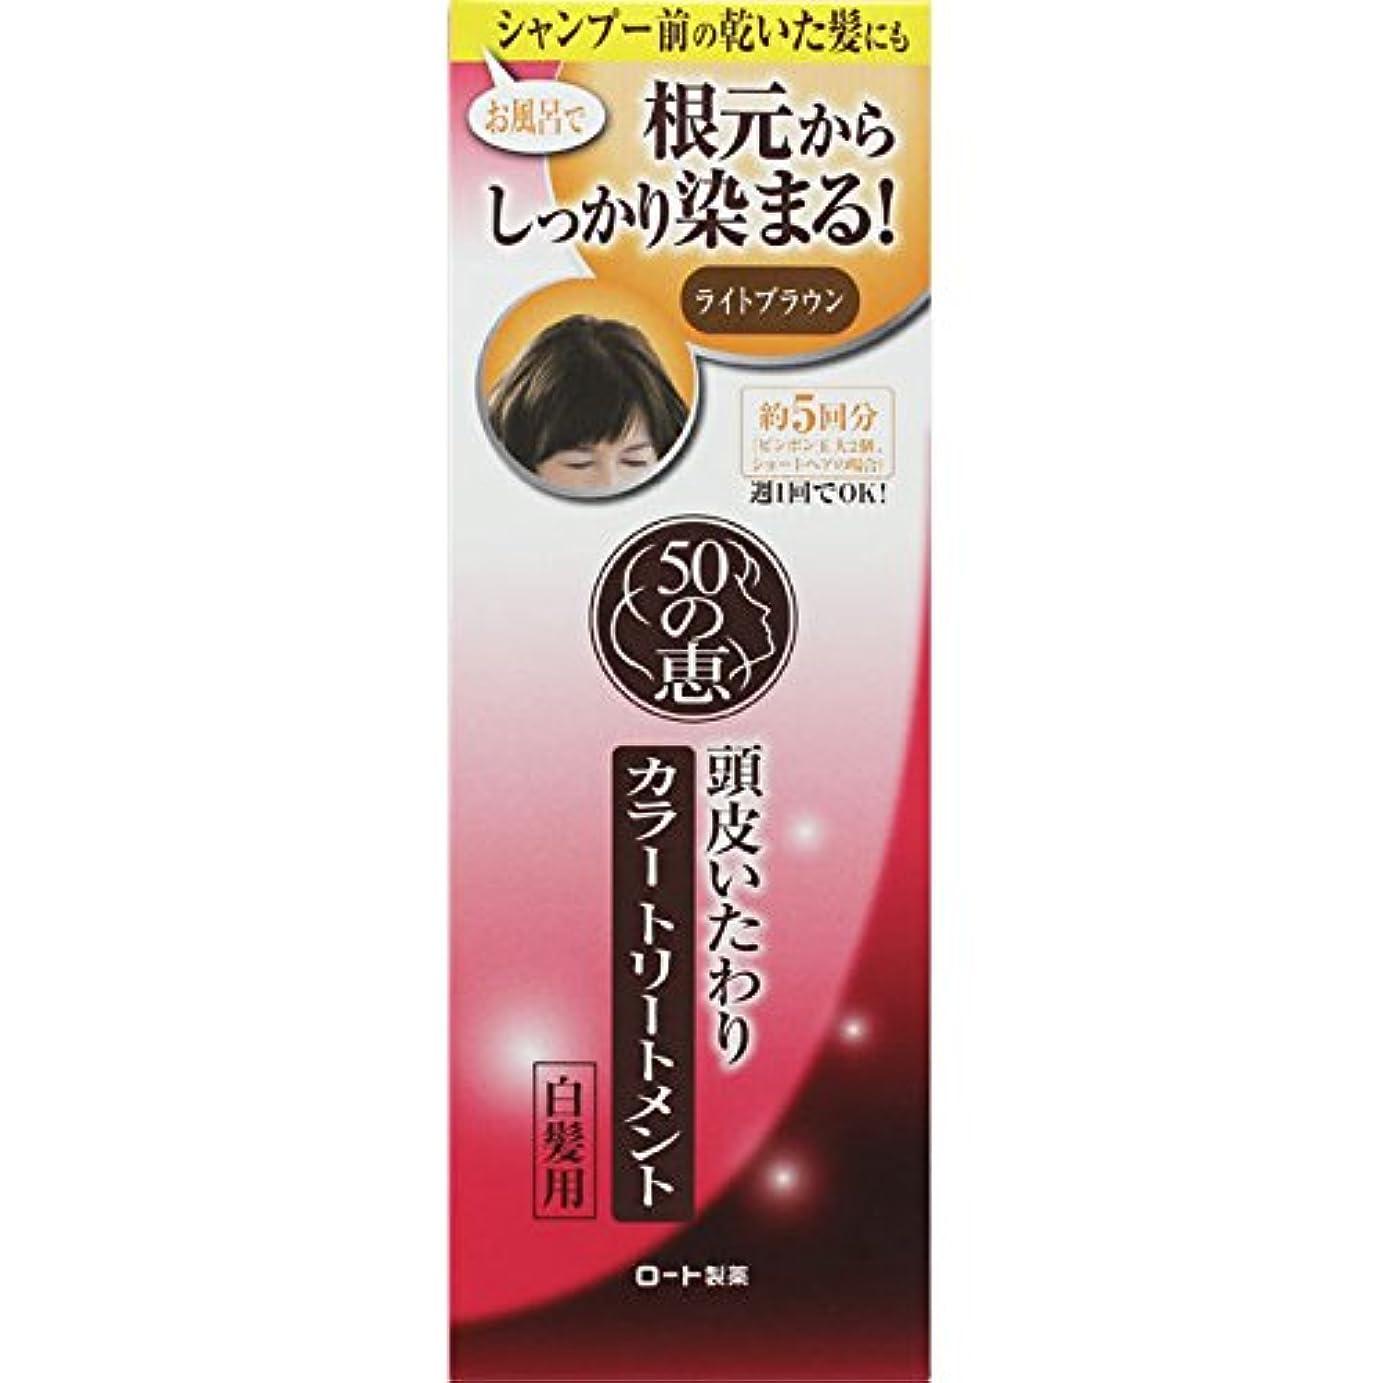 アミューズメント導出チキンロート製薬 50の恵エイジングケア 頭皮いたわりカラートリートメント ライトブラウン 150g